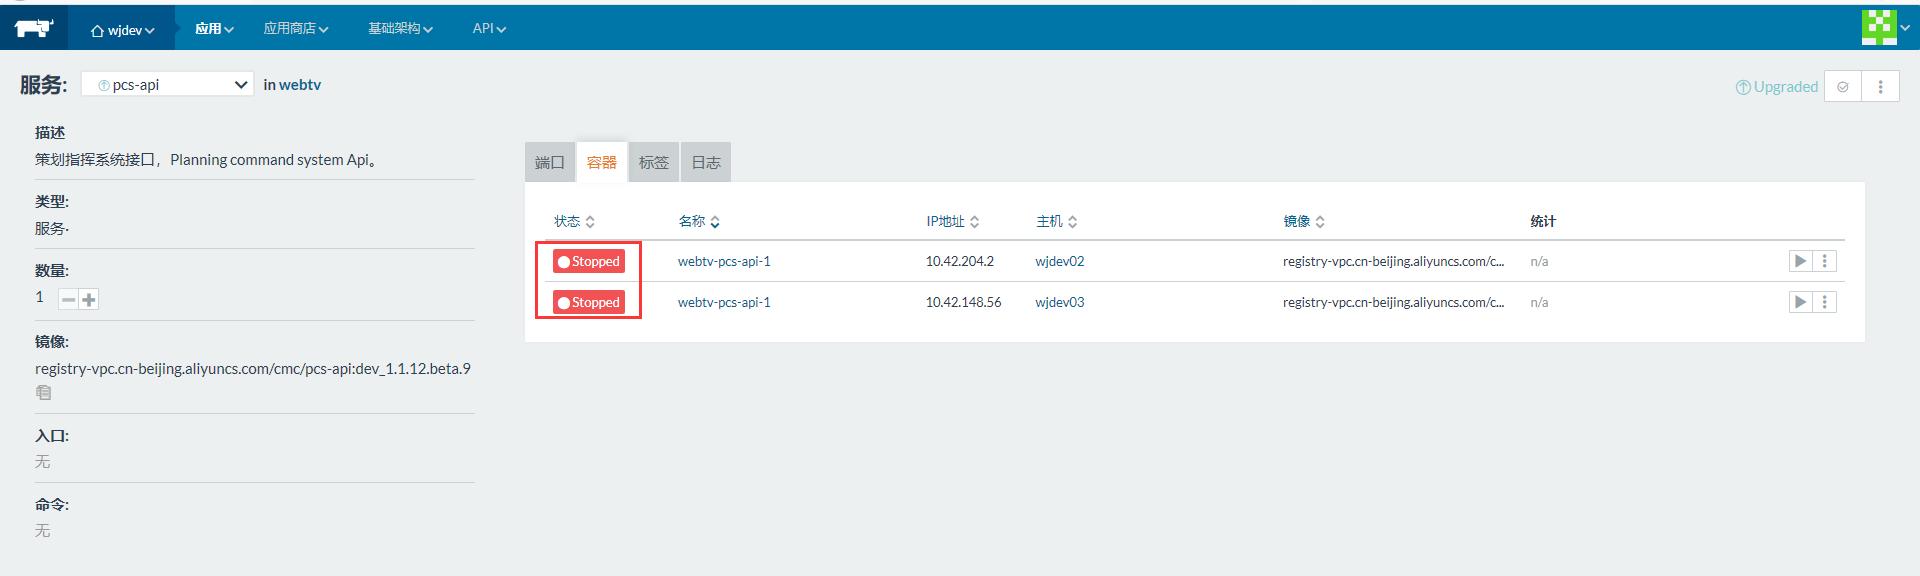 当升级时,缺少 PCS_API_CFG_CPU_PARAMS_SOURCE=chinamcloud_pcs // CP上传的参数的系统来源标识,则启动容器失败